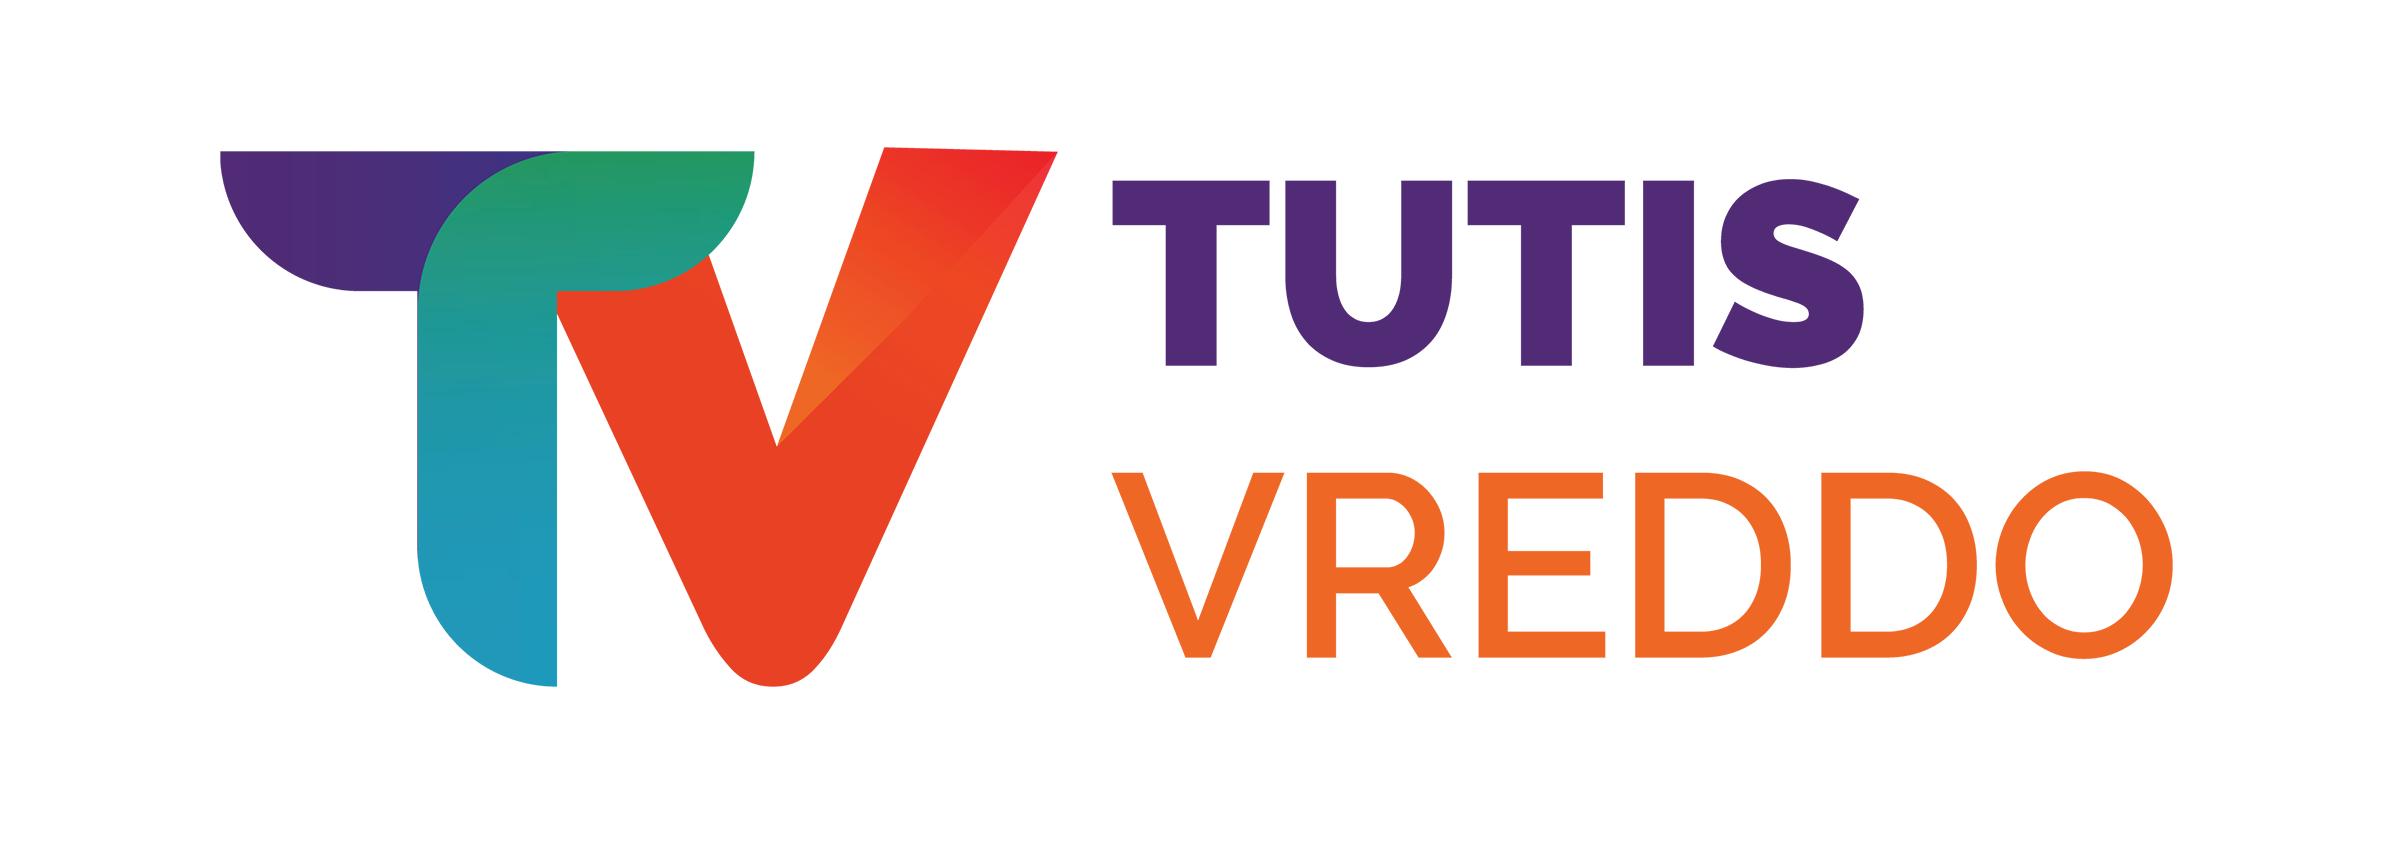 Tutis VReddo logo